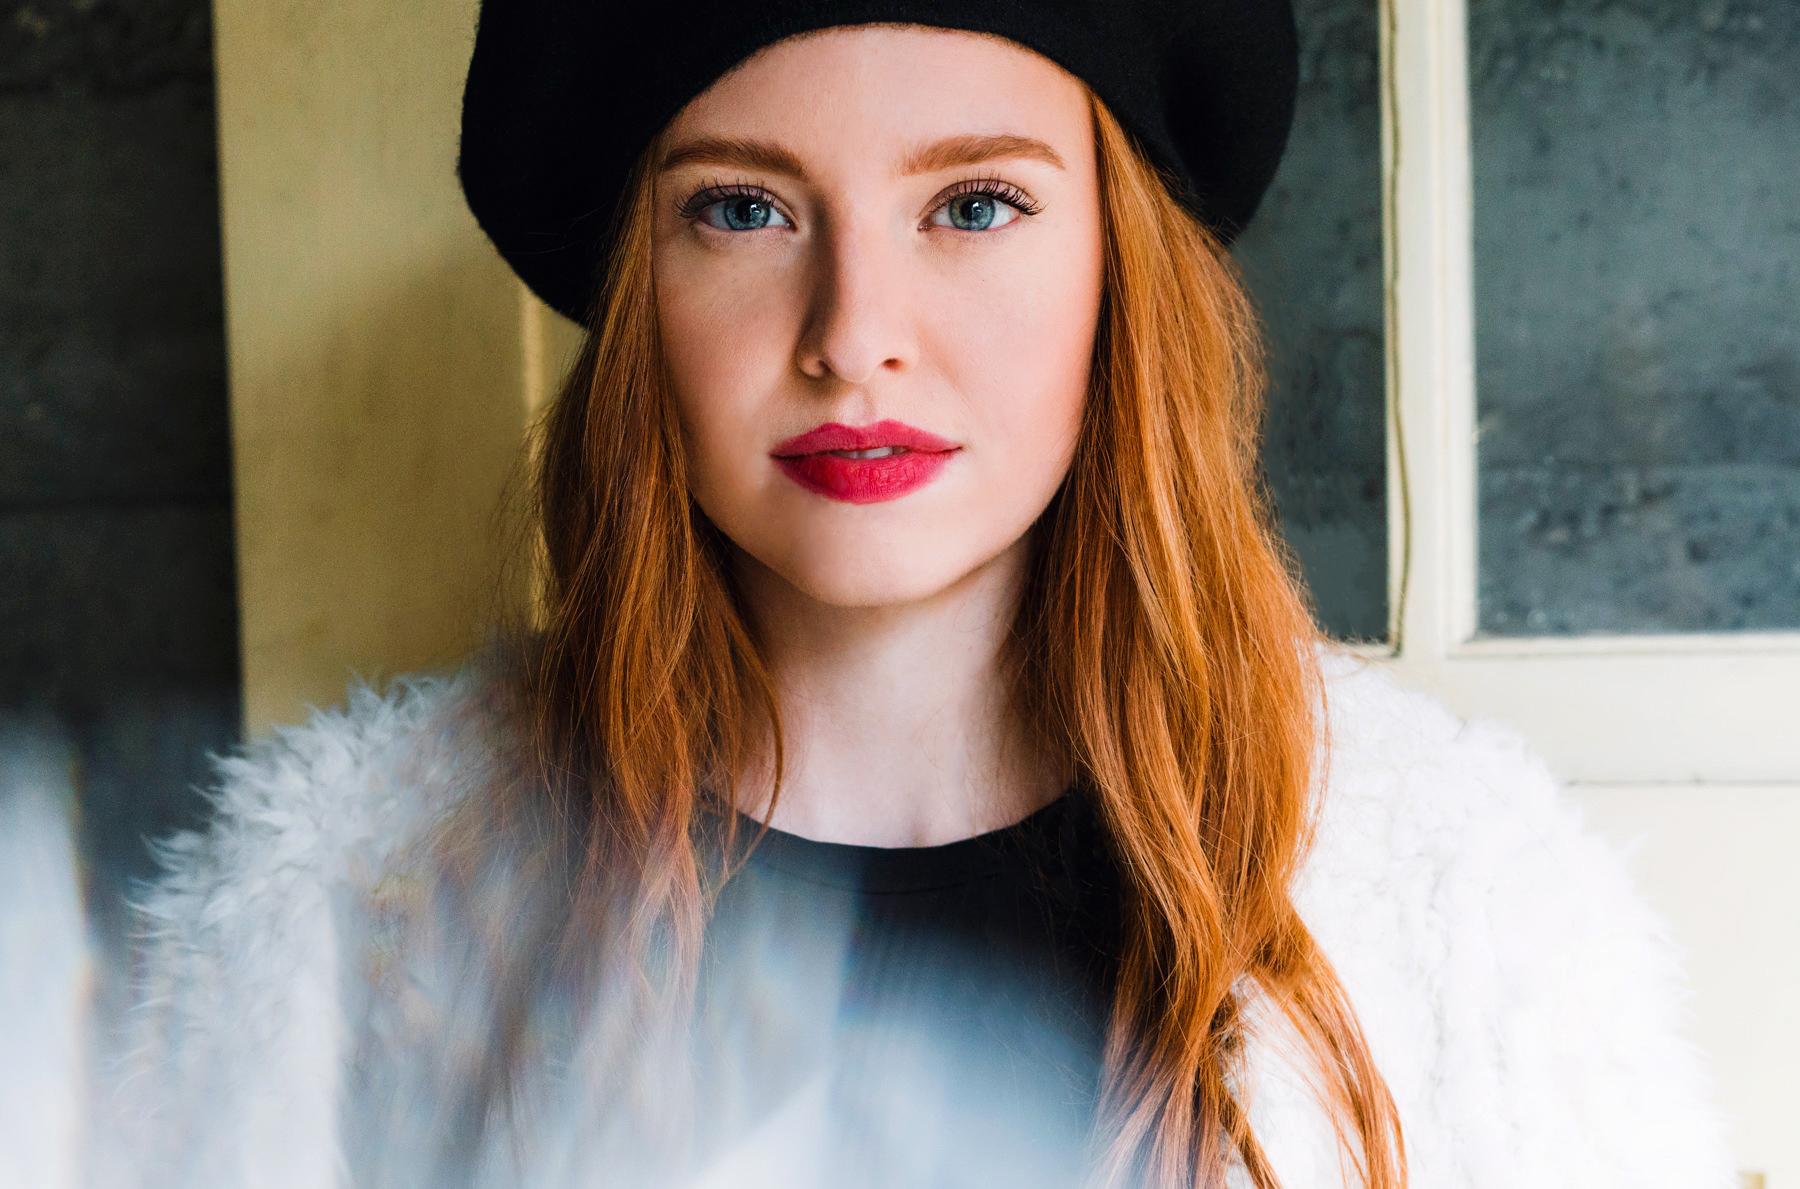 HaleyMcLain-NatalieBlake-5.jpg